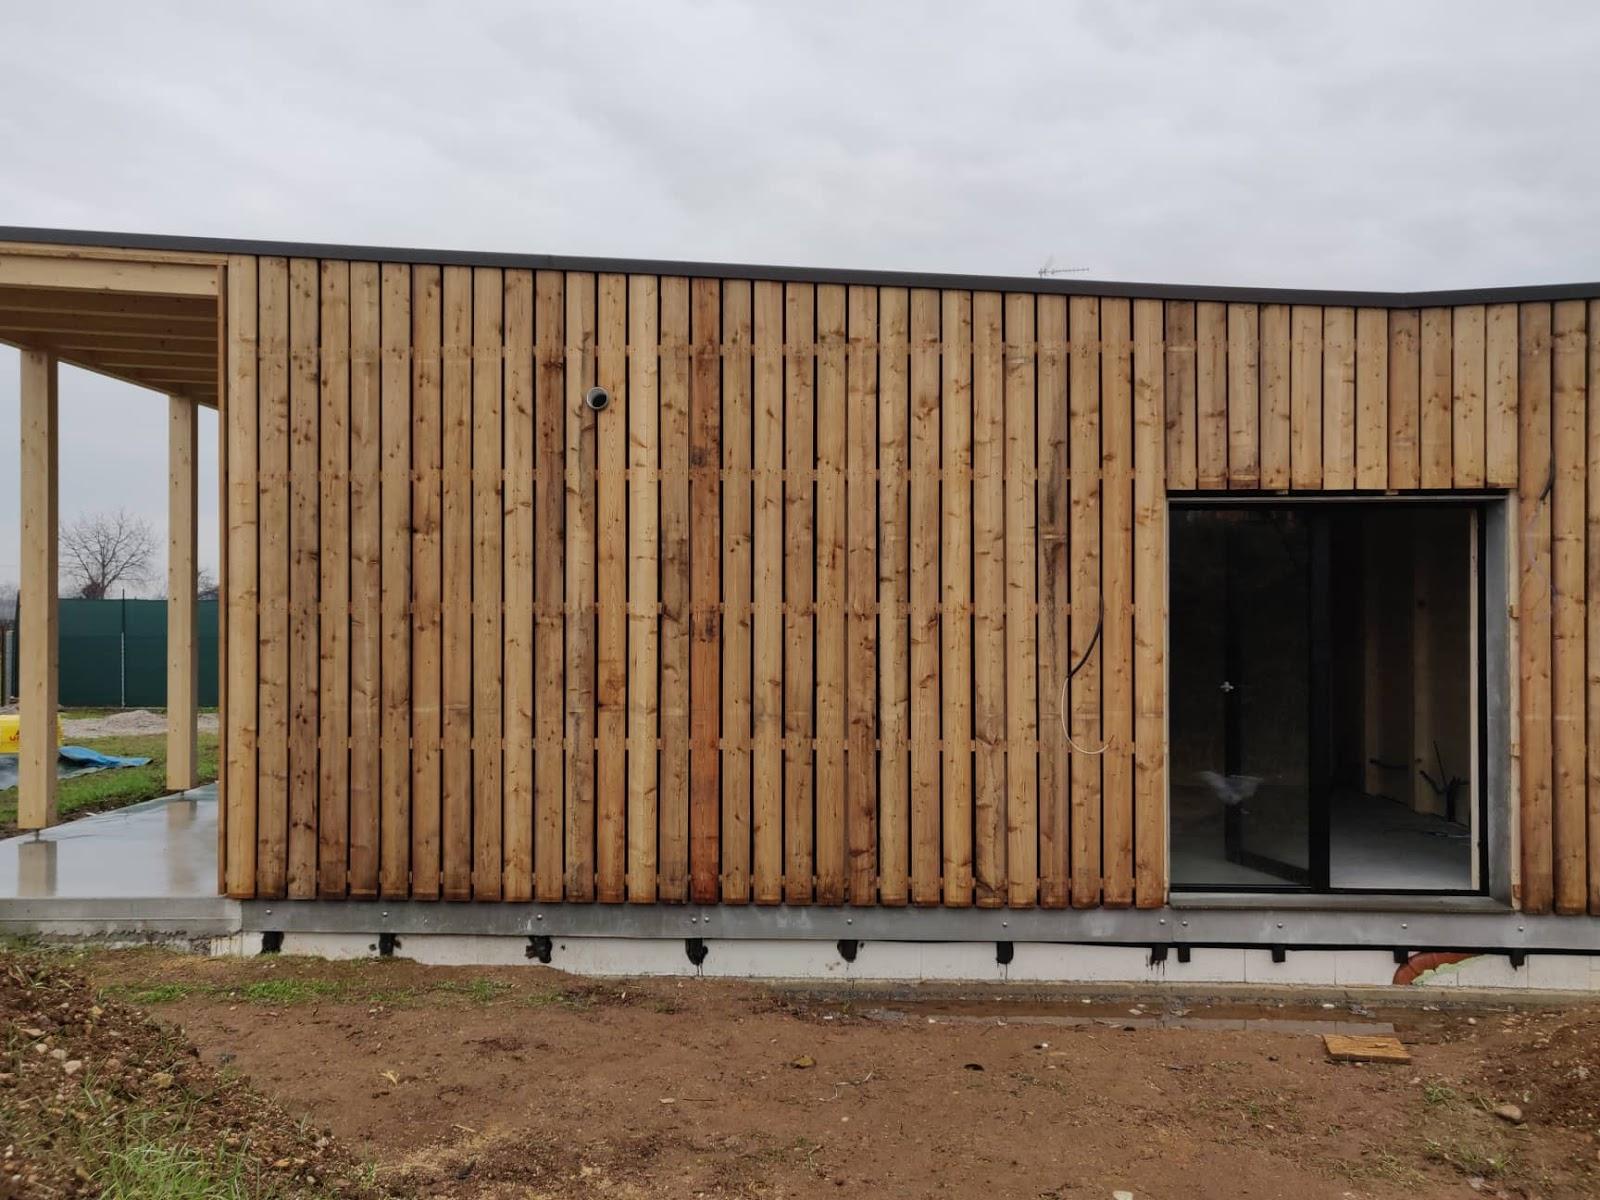 Rivestimento Casa In Legno l'intimità della casa in legno - studio di architettura a